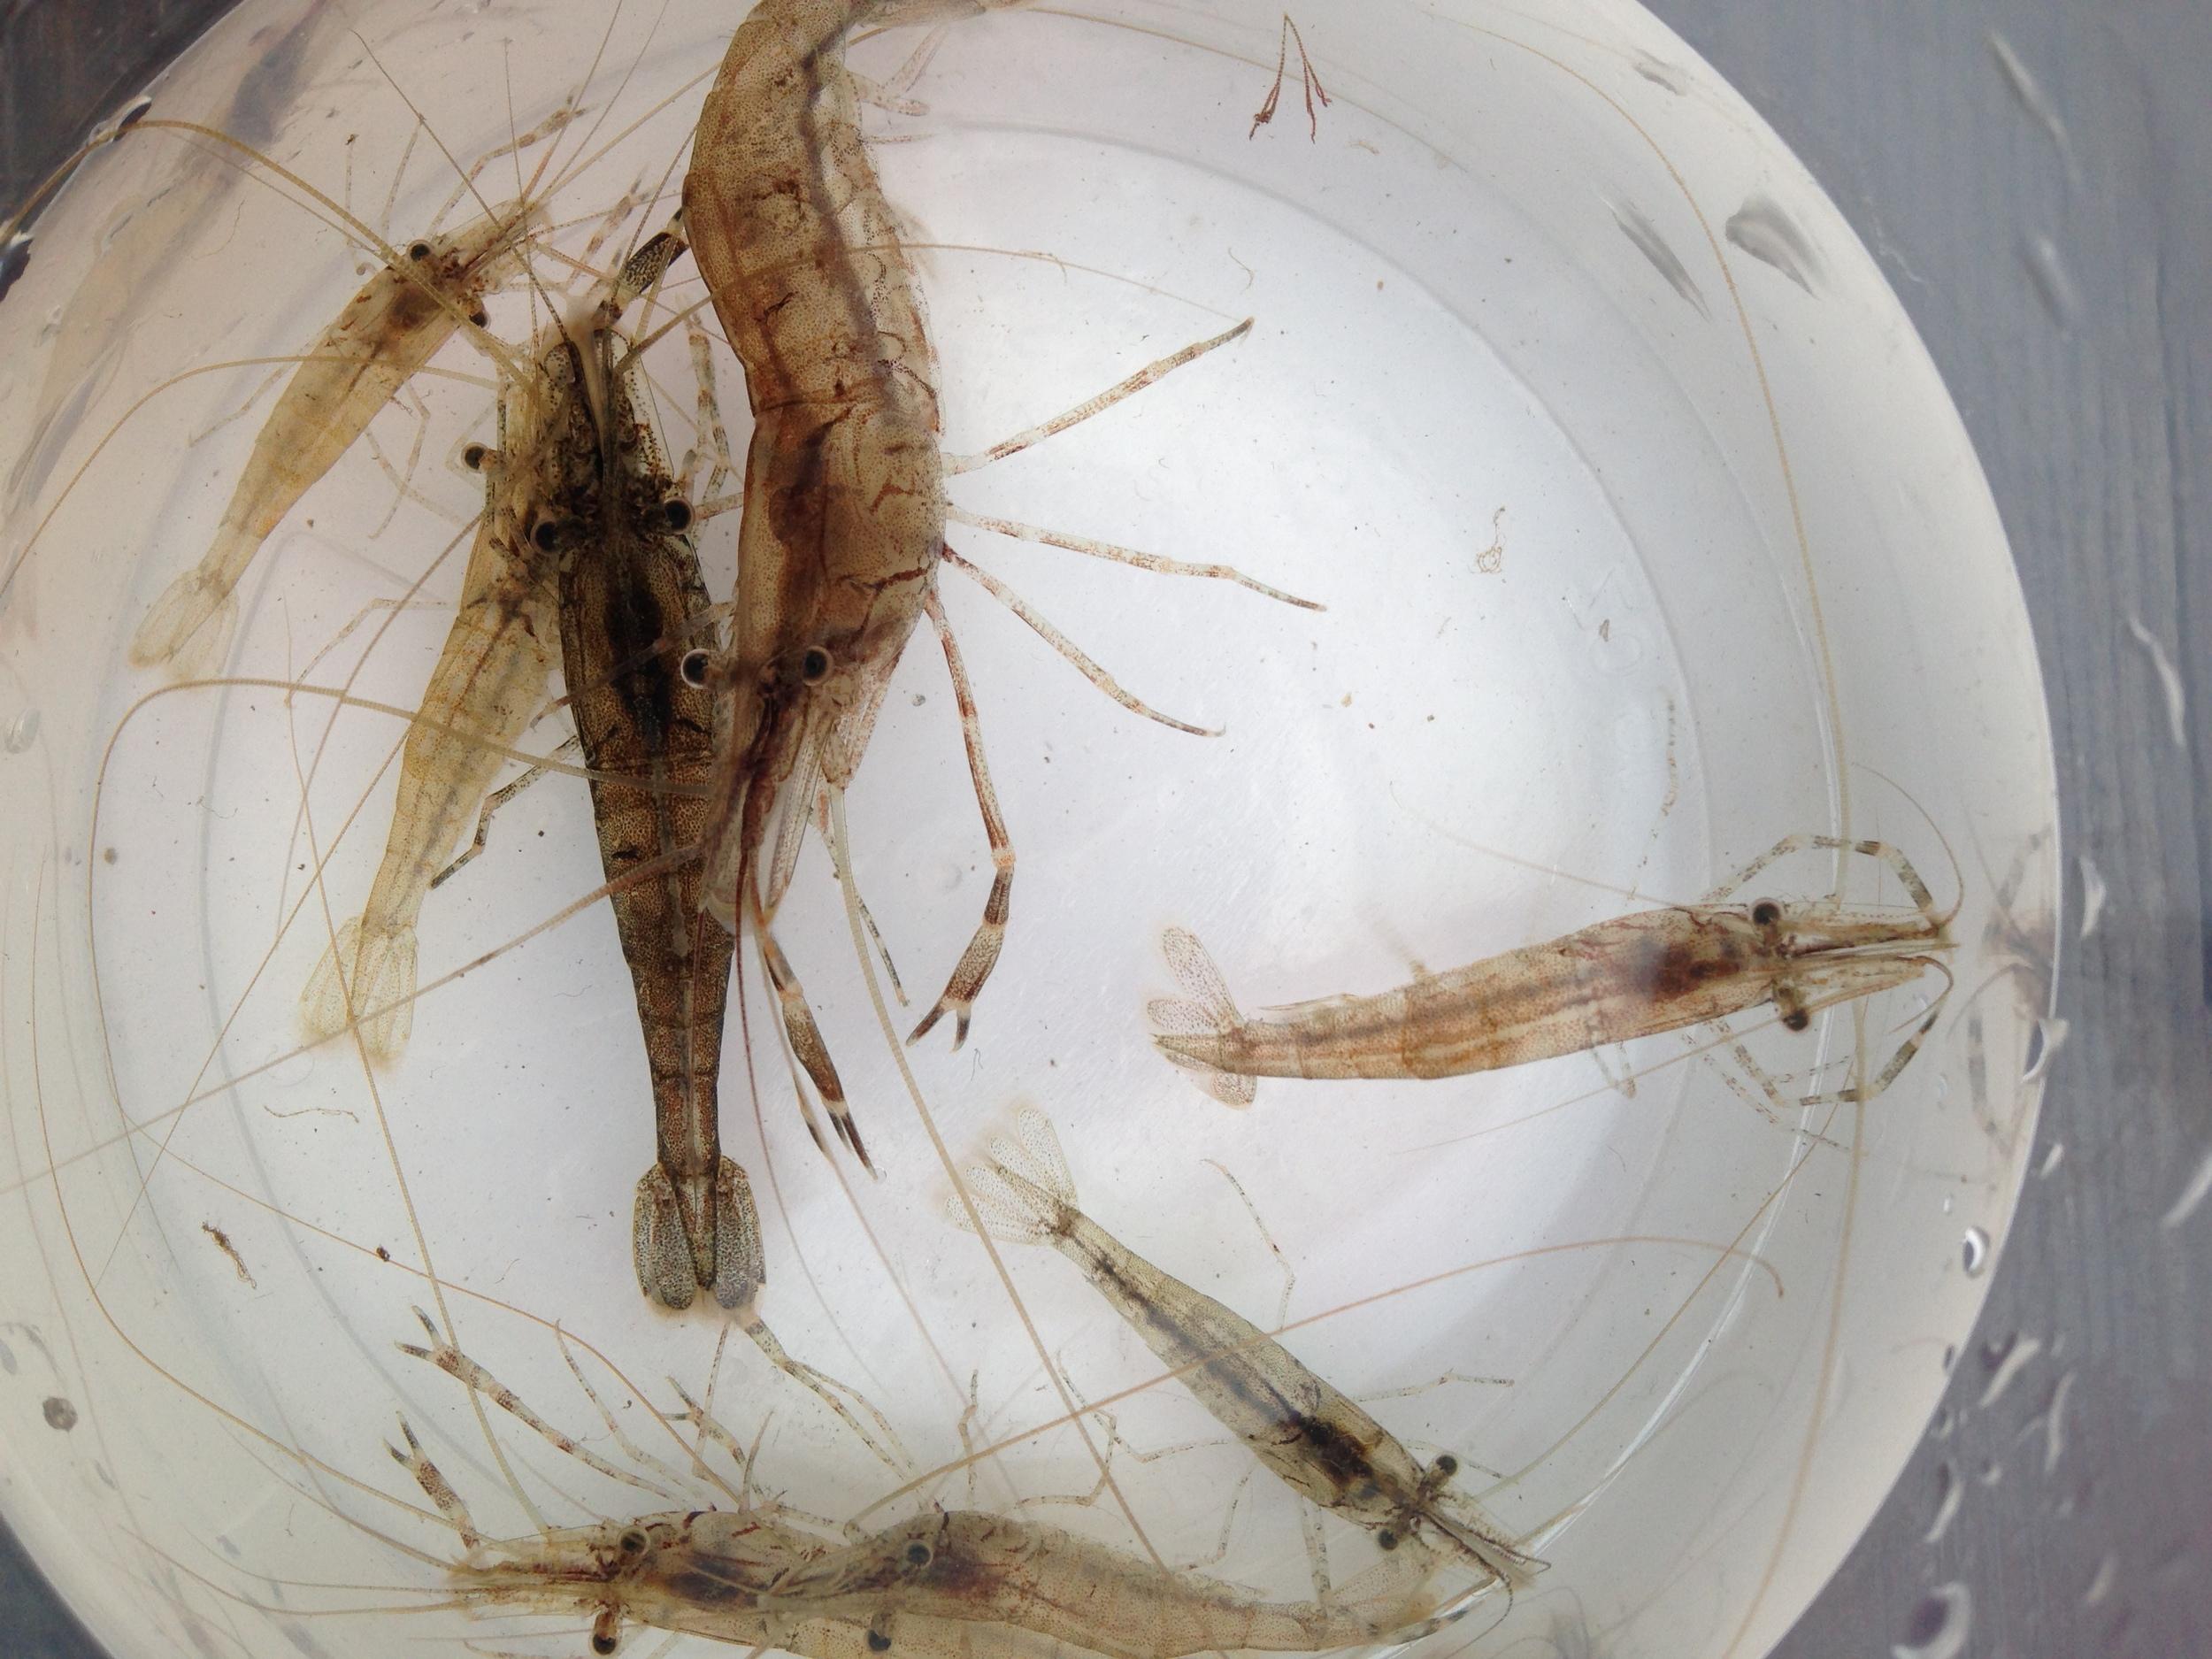 Invasive shrimp from New York